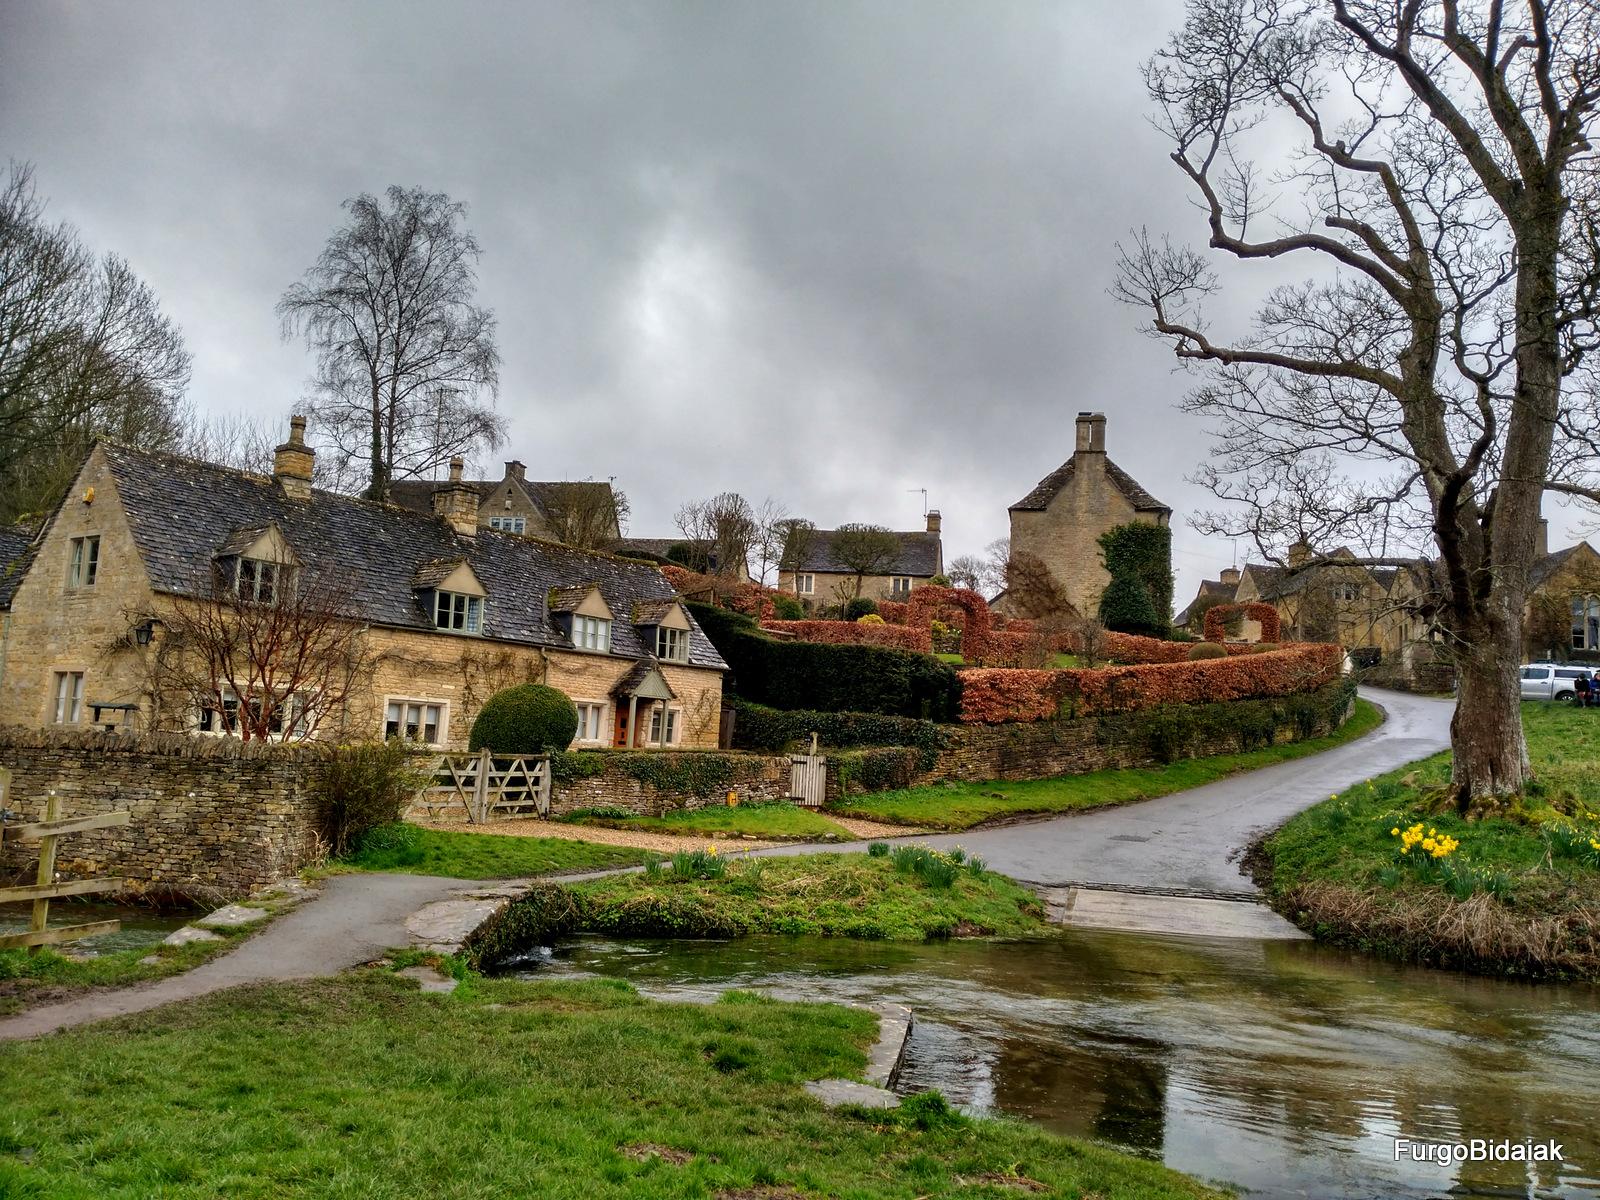 Upper and Lower, Costwolds, Inglaterra en furgo, Furgobidaiak